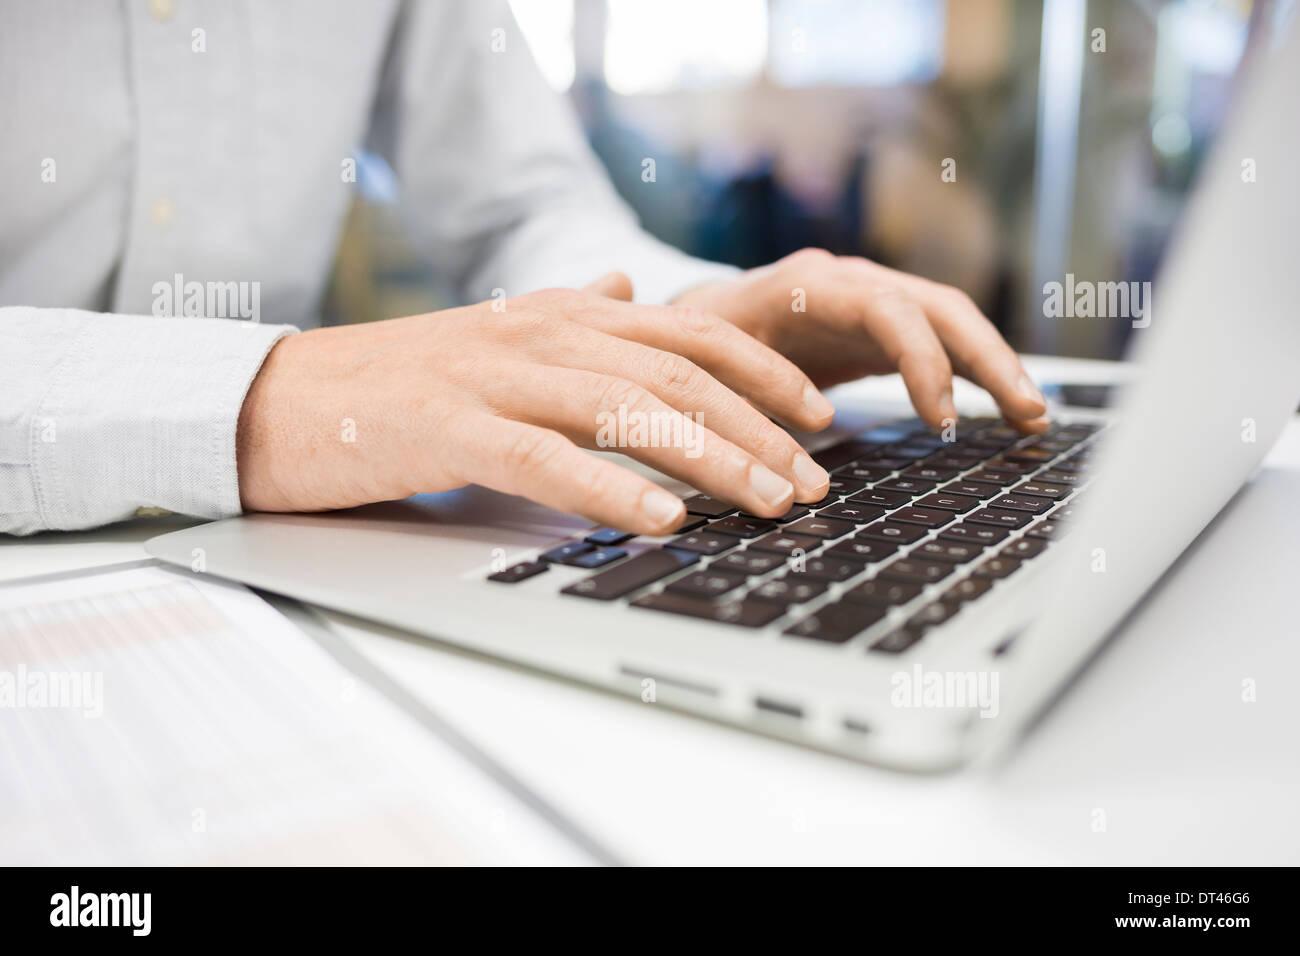 Calcolatore maschio dita di mani scrivania Immagini Stock